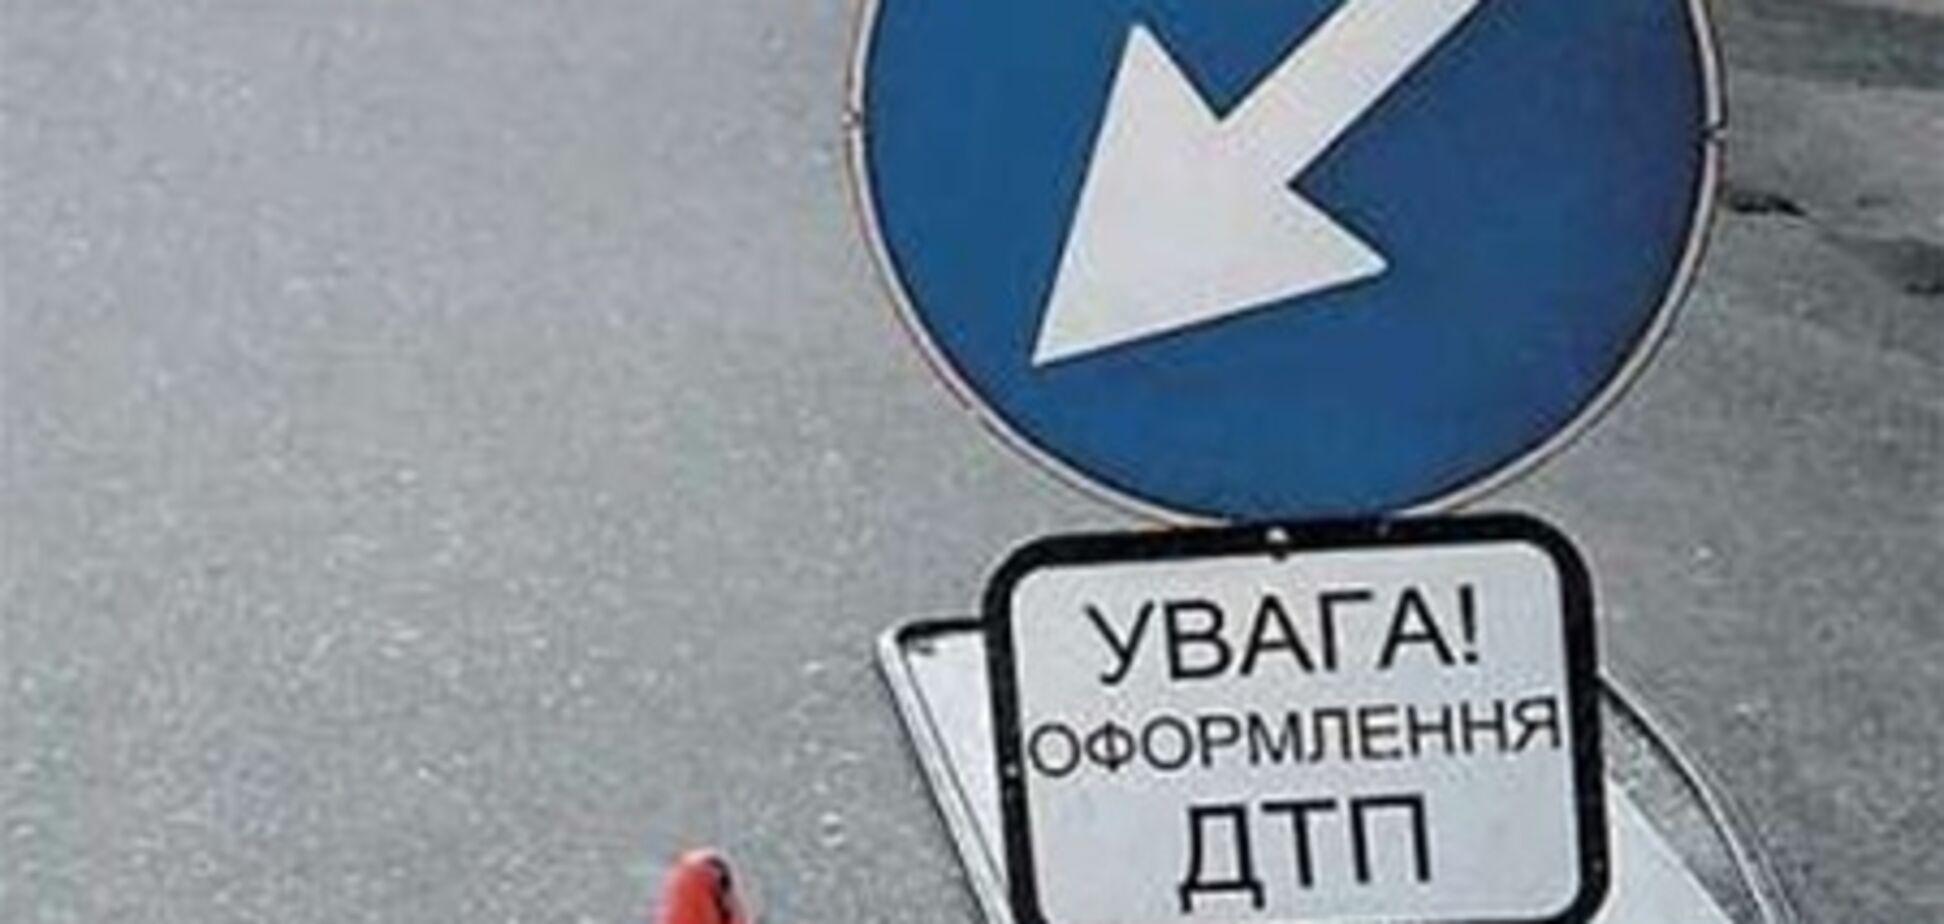 Водитель сбил пешехода и бросил умирать